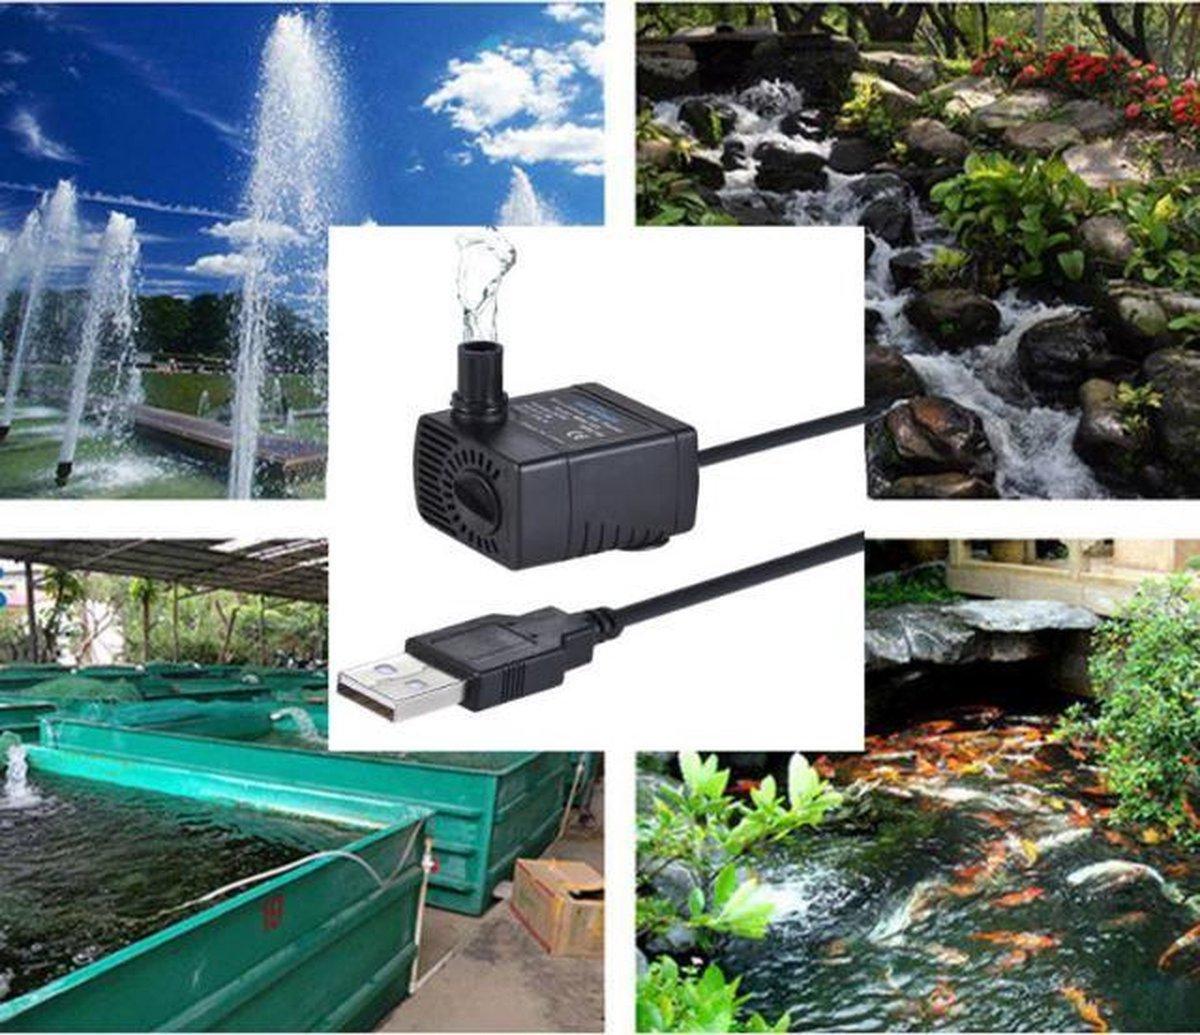 Aquariumpomp - Met USB aansluiting - 1.5 M - Fonteinpomp - Luchtpomp voor vijver, aquarium of vissen